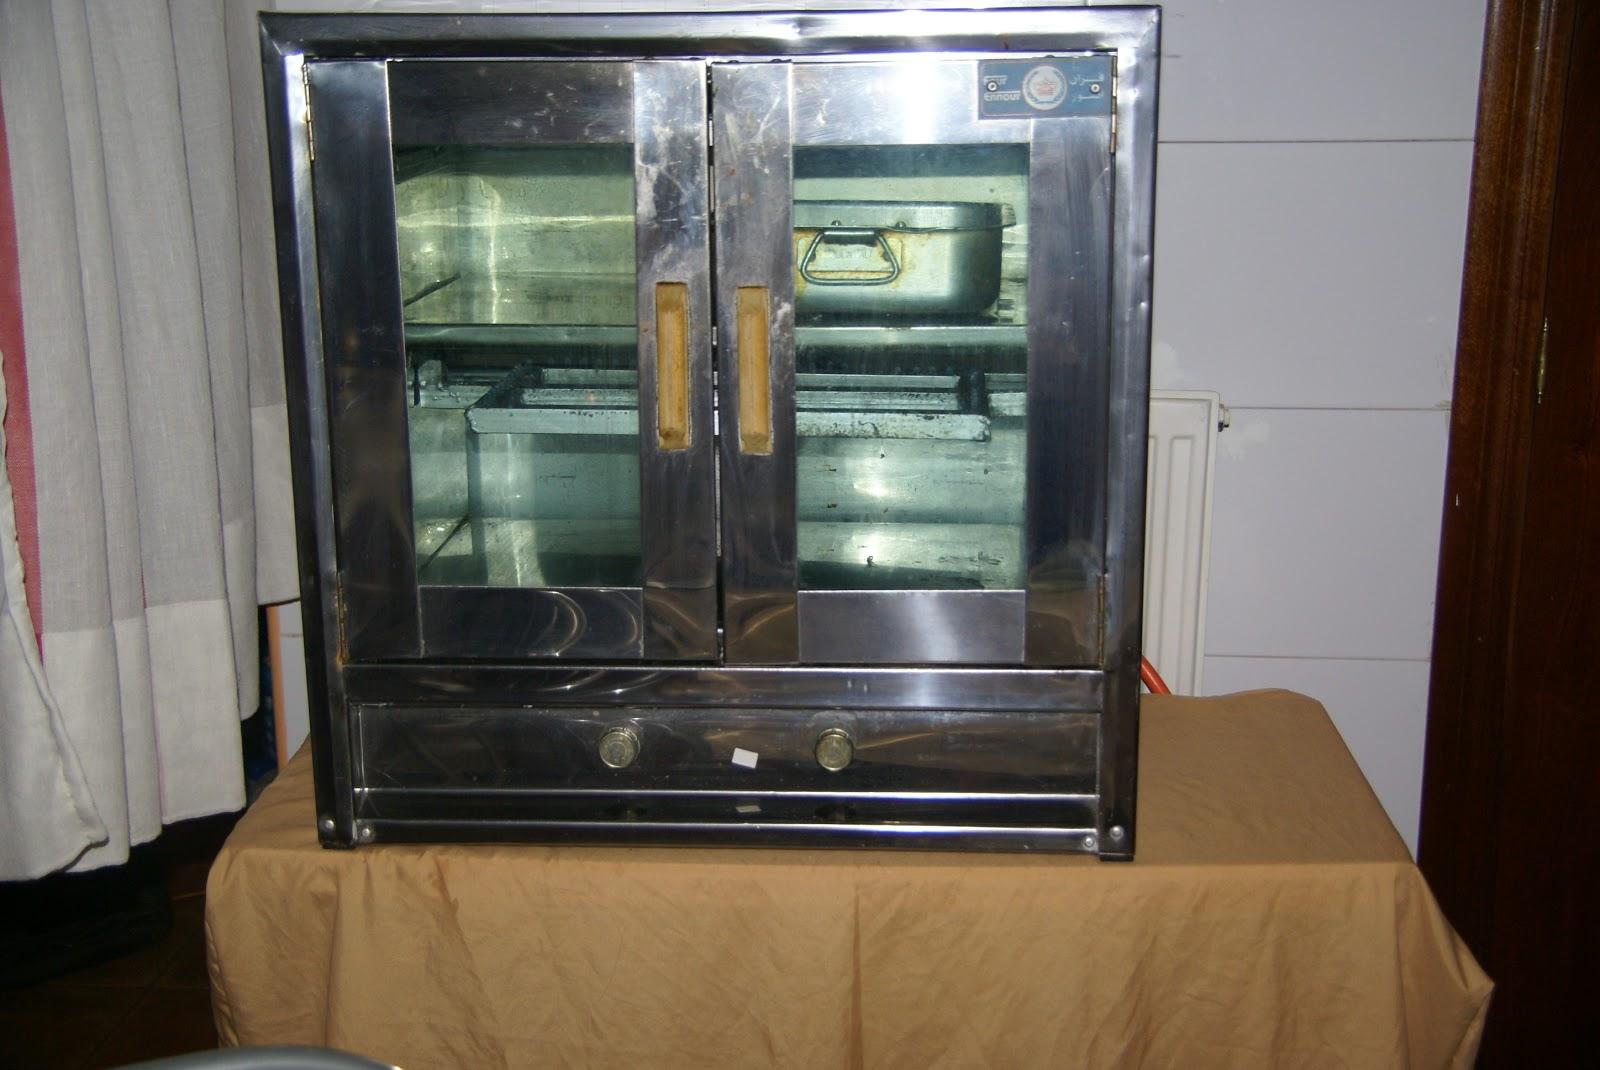 Mi horno de gas for Cocinas de gas butano sin horno